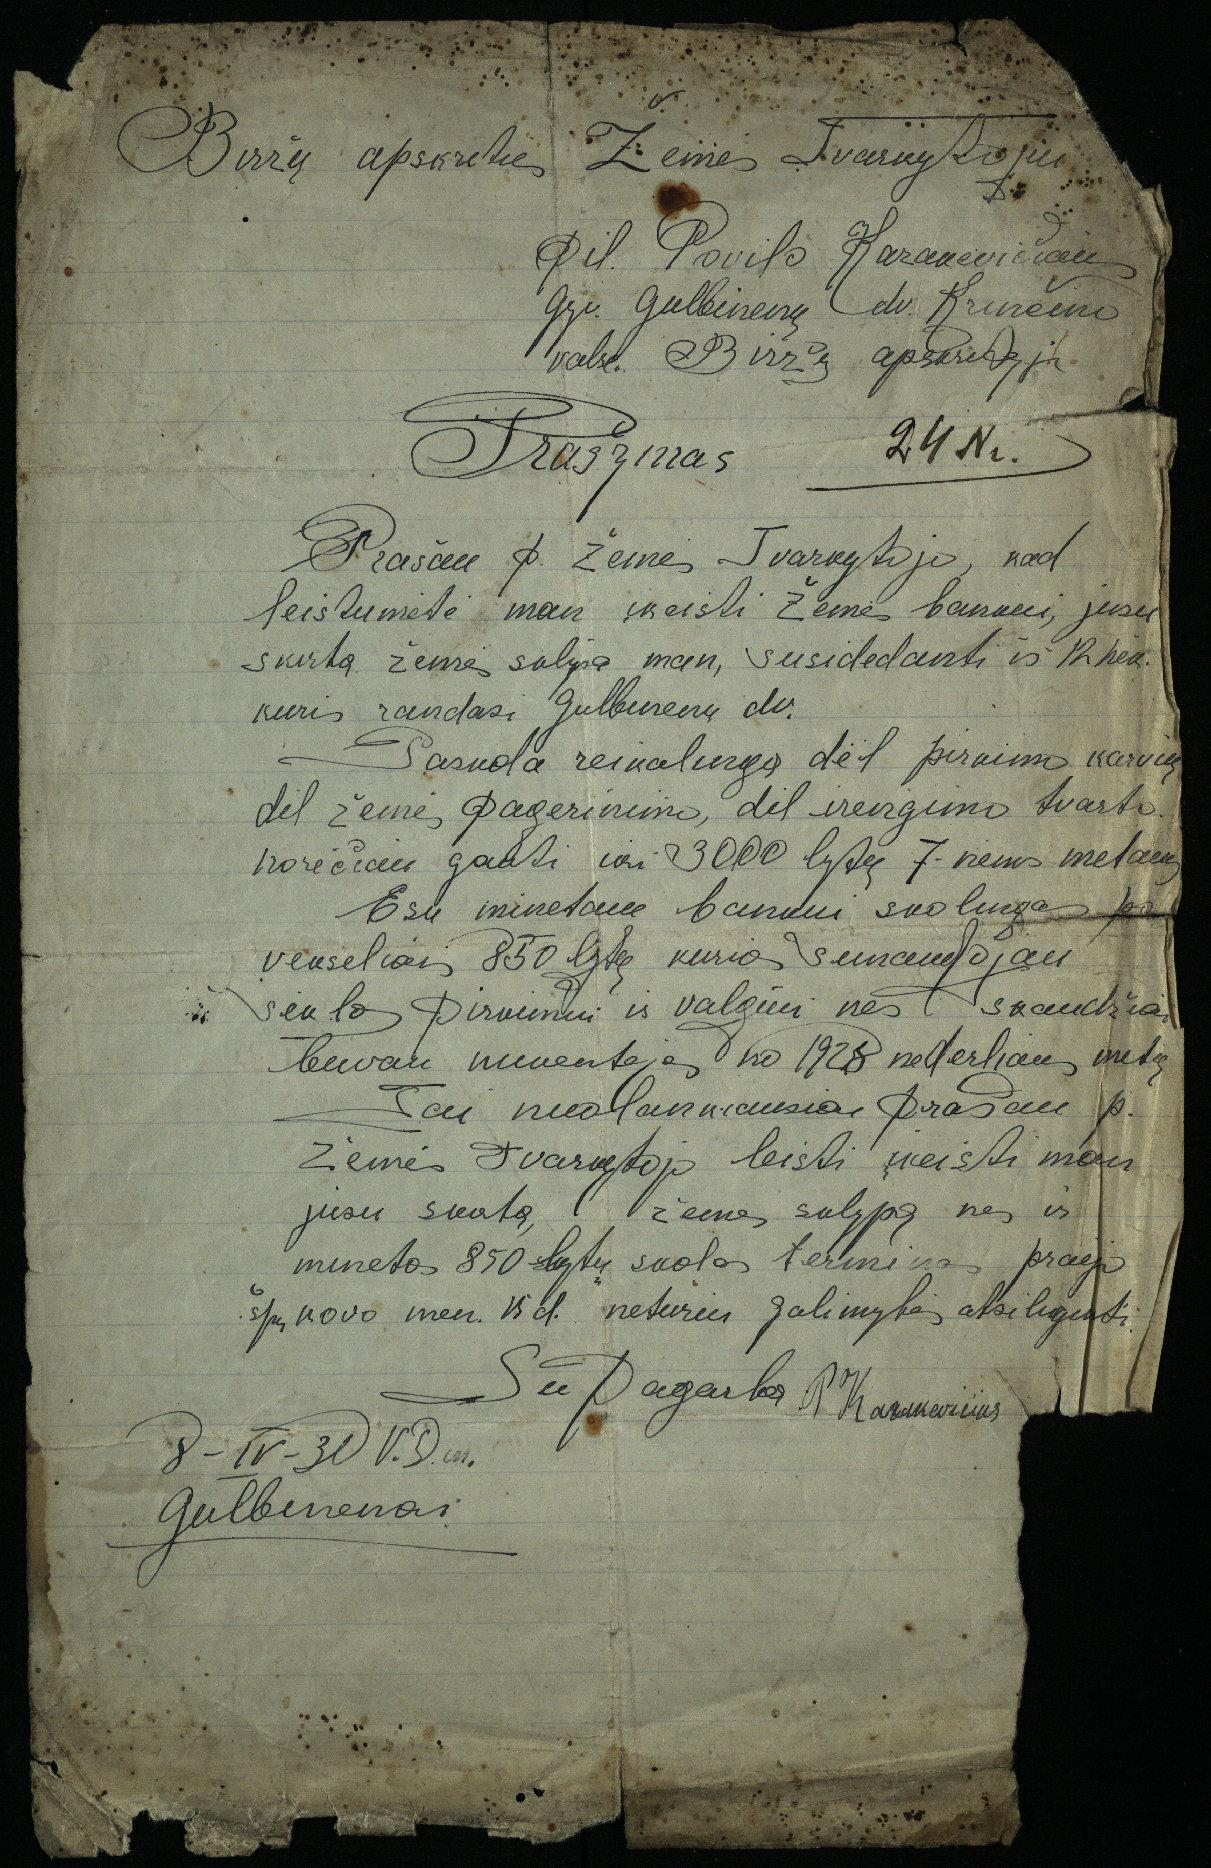 Biržų apskrities Krinčino valsčiaus Gulbinėnų dvaro gyventojo Povilo Kazakevičiaus prašymas Biržų apskrities žemės tvarkytojui, 1931 m.